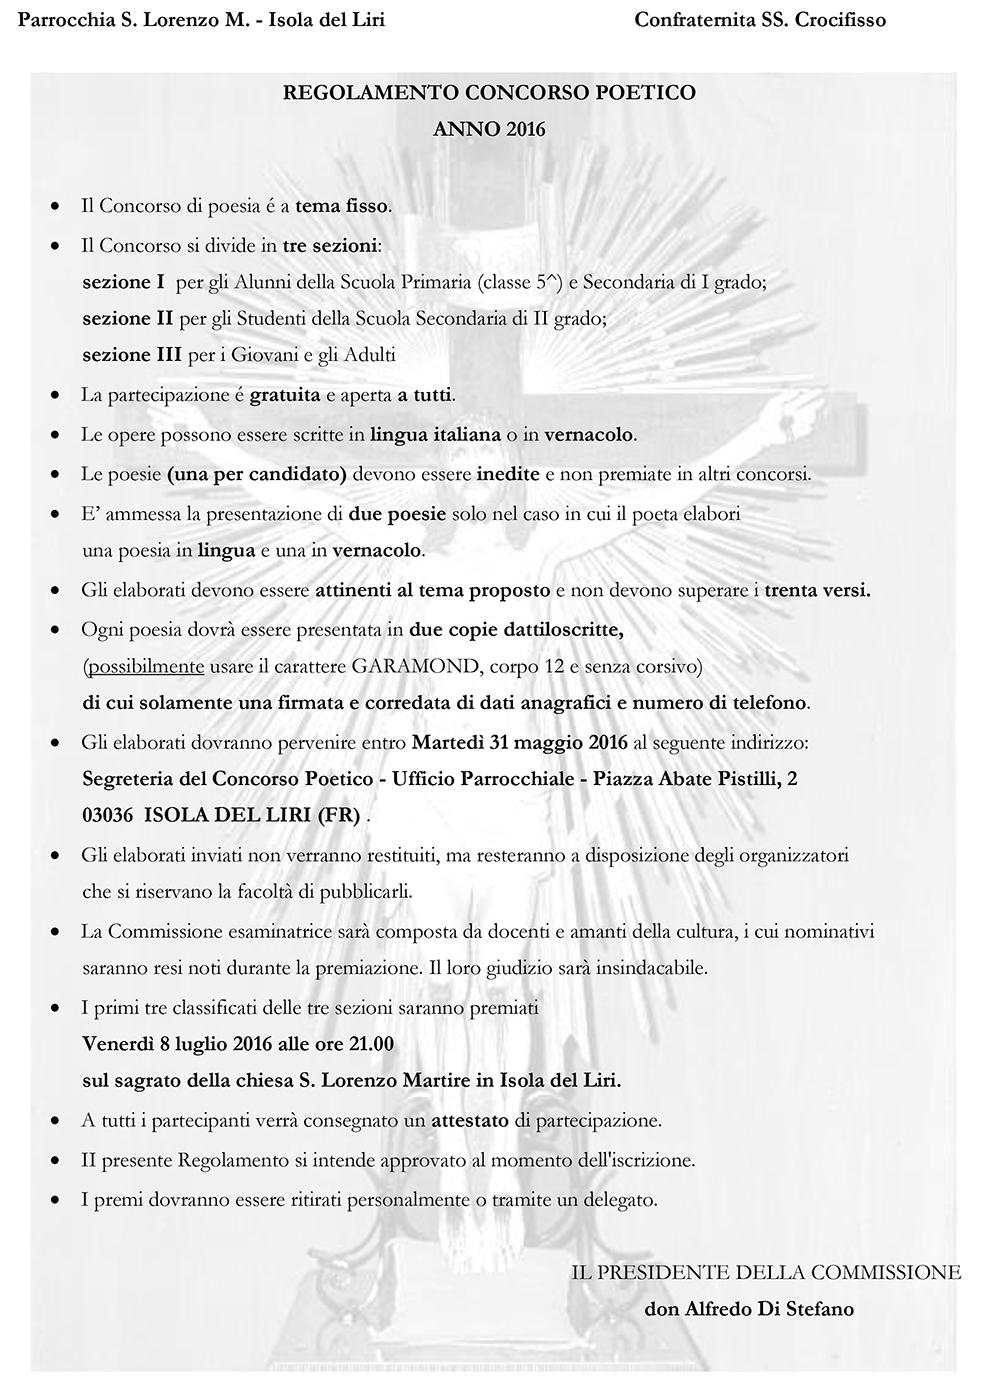 San Lorenzo Martire ® - 2016 04 19 - Volantino Concorso Crocifisso - Regolmento